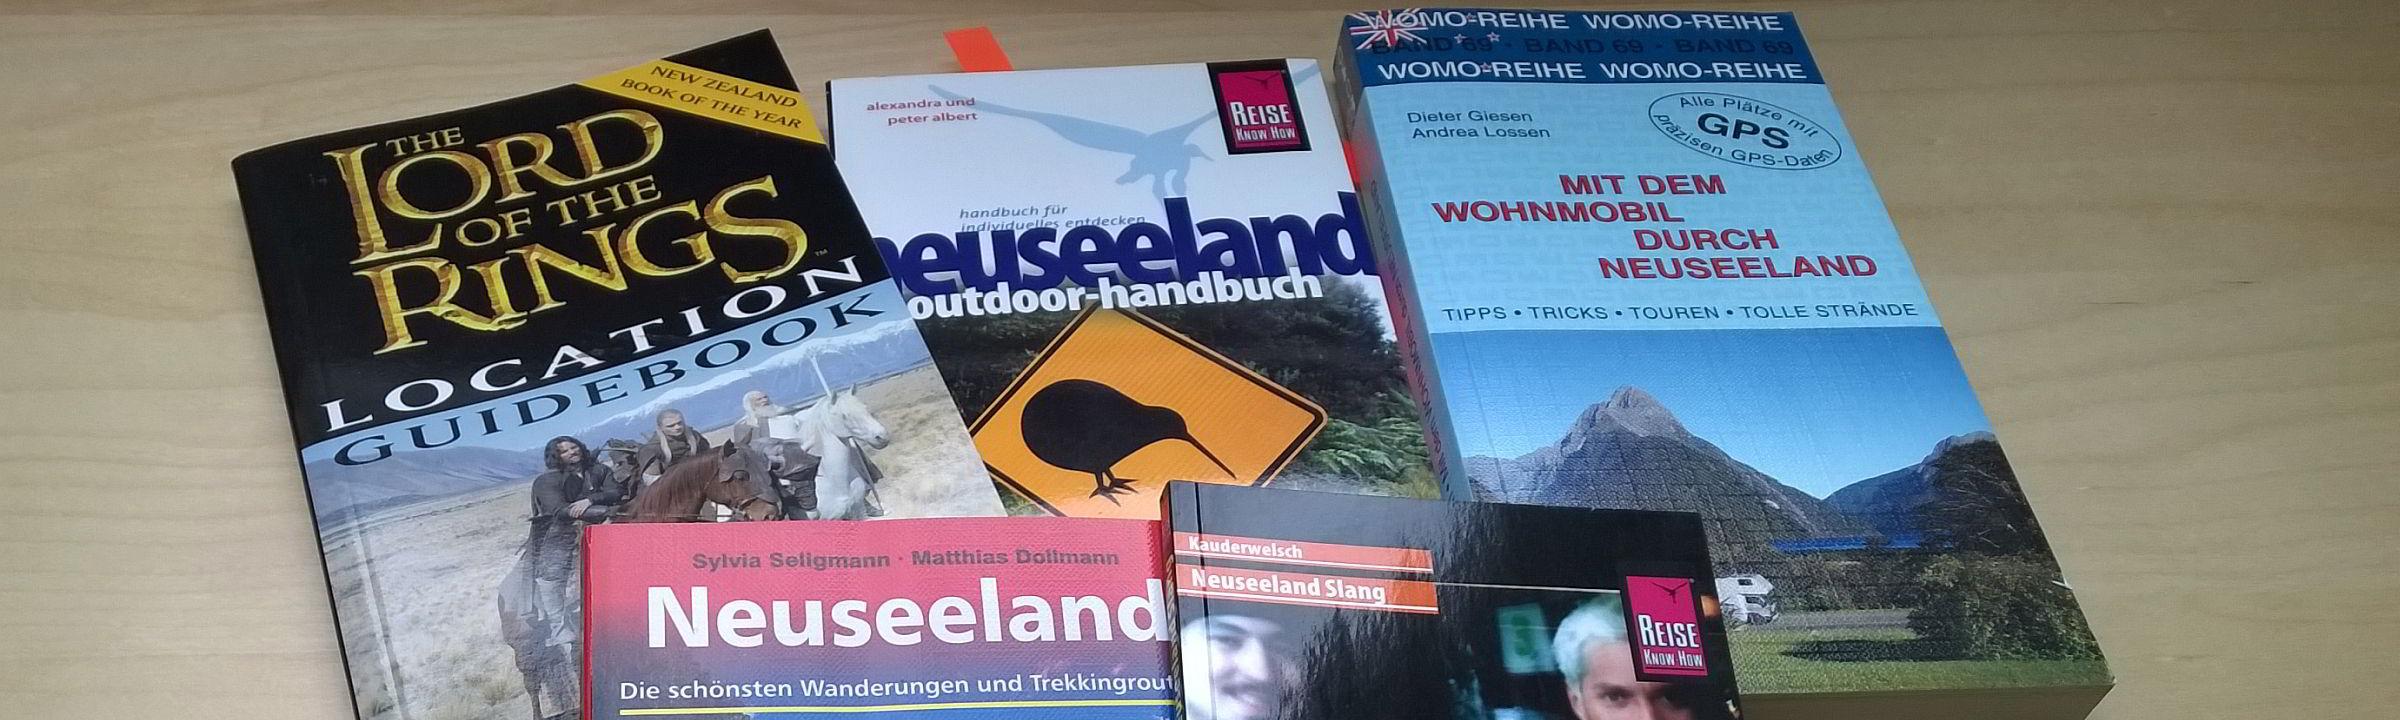 Spezielle Reiseführer für Neuseeland